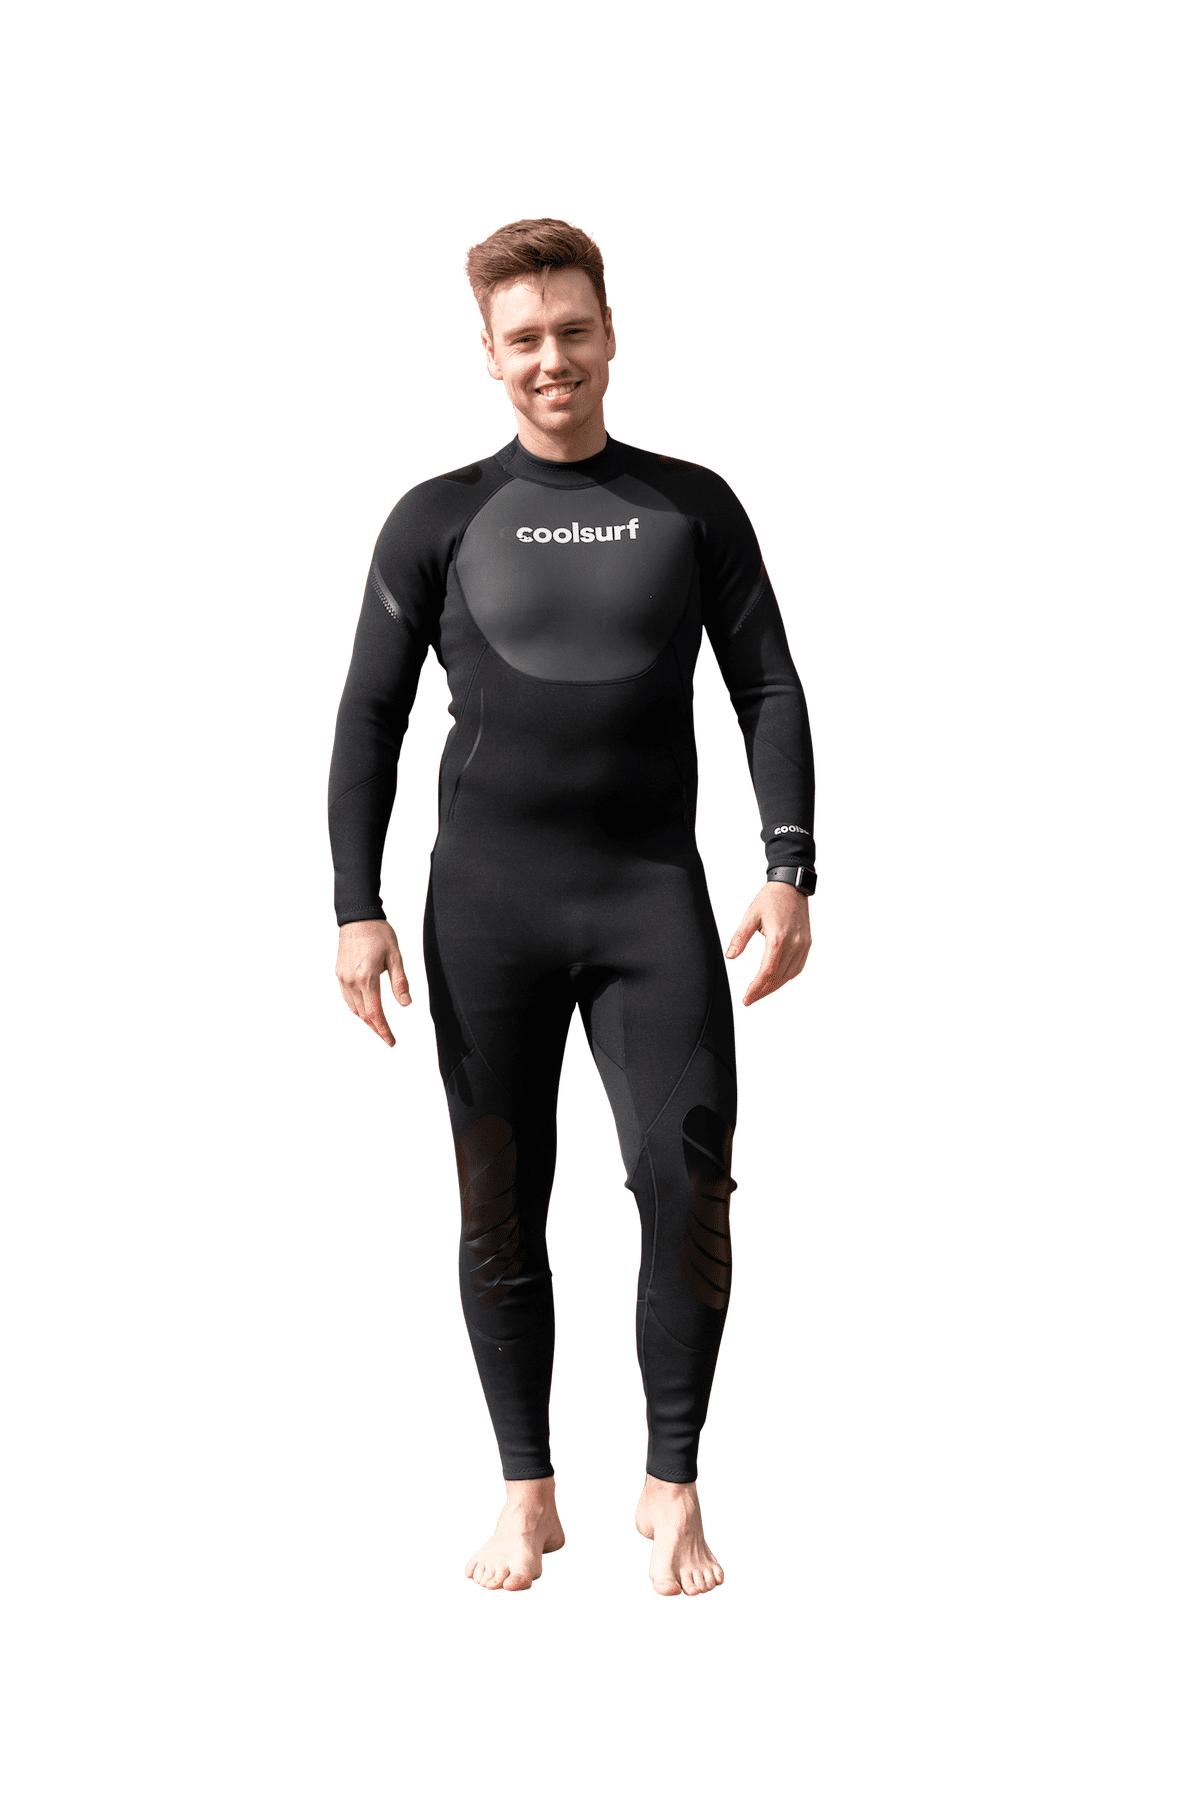 CoolSnow.dk - Populrt udstyr og skibriller til din skiferie! Stormy Wet Suit 3mm - Men - XXL